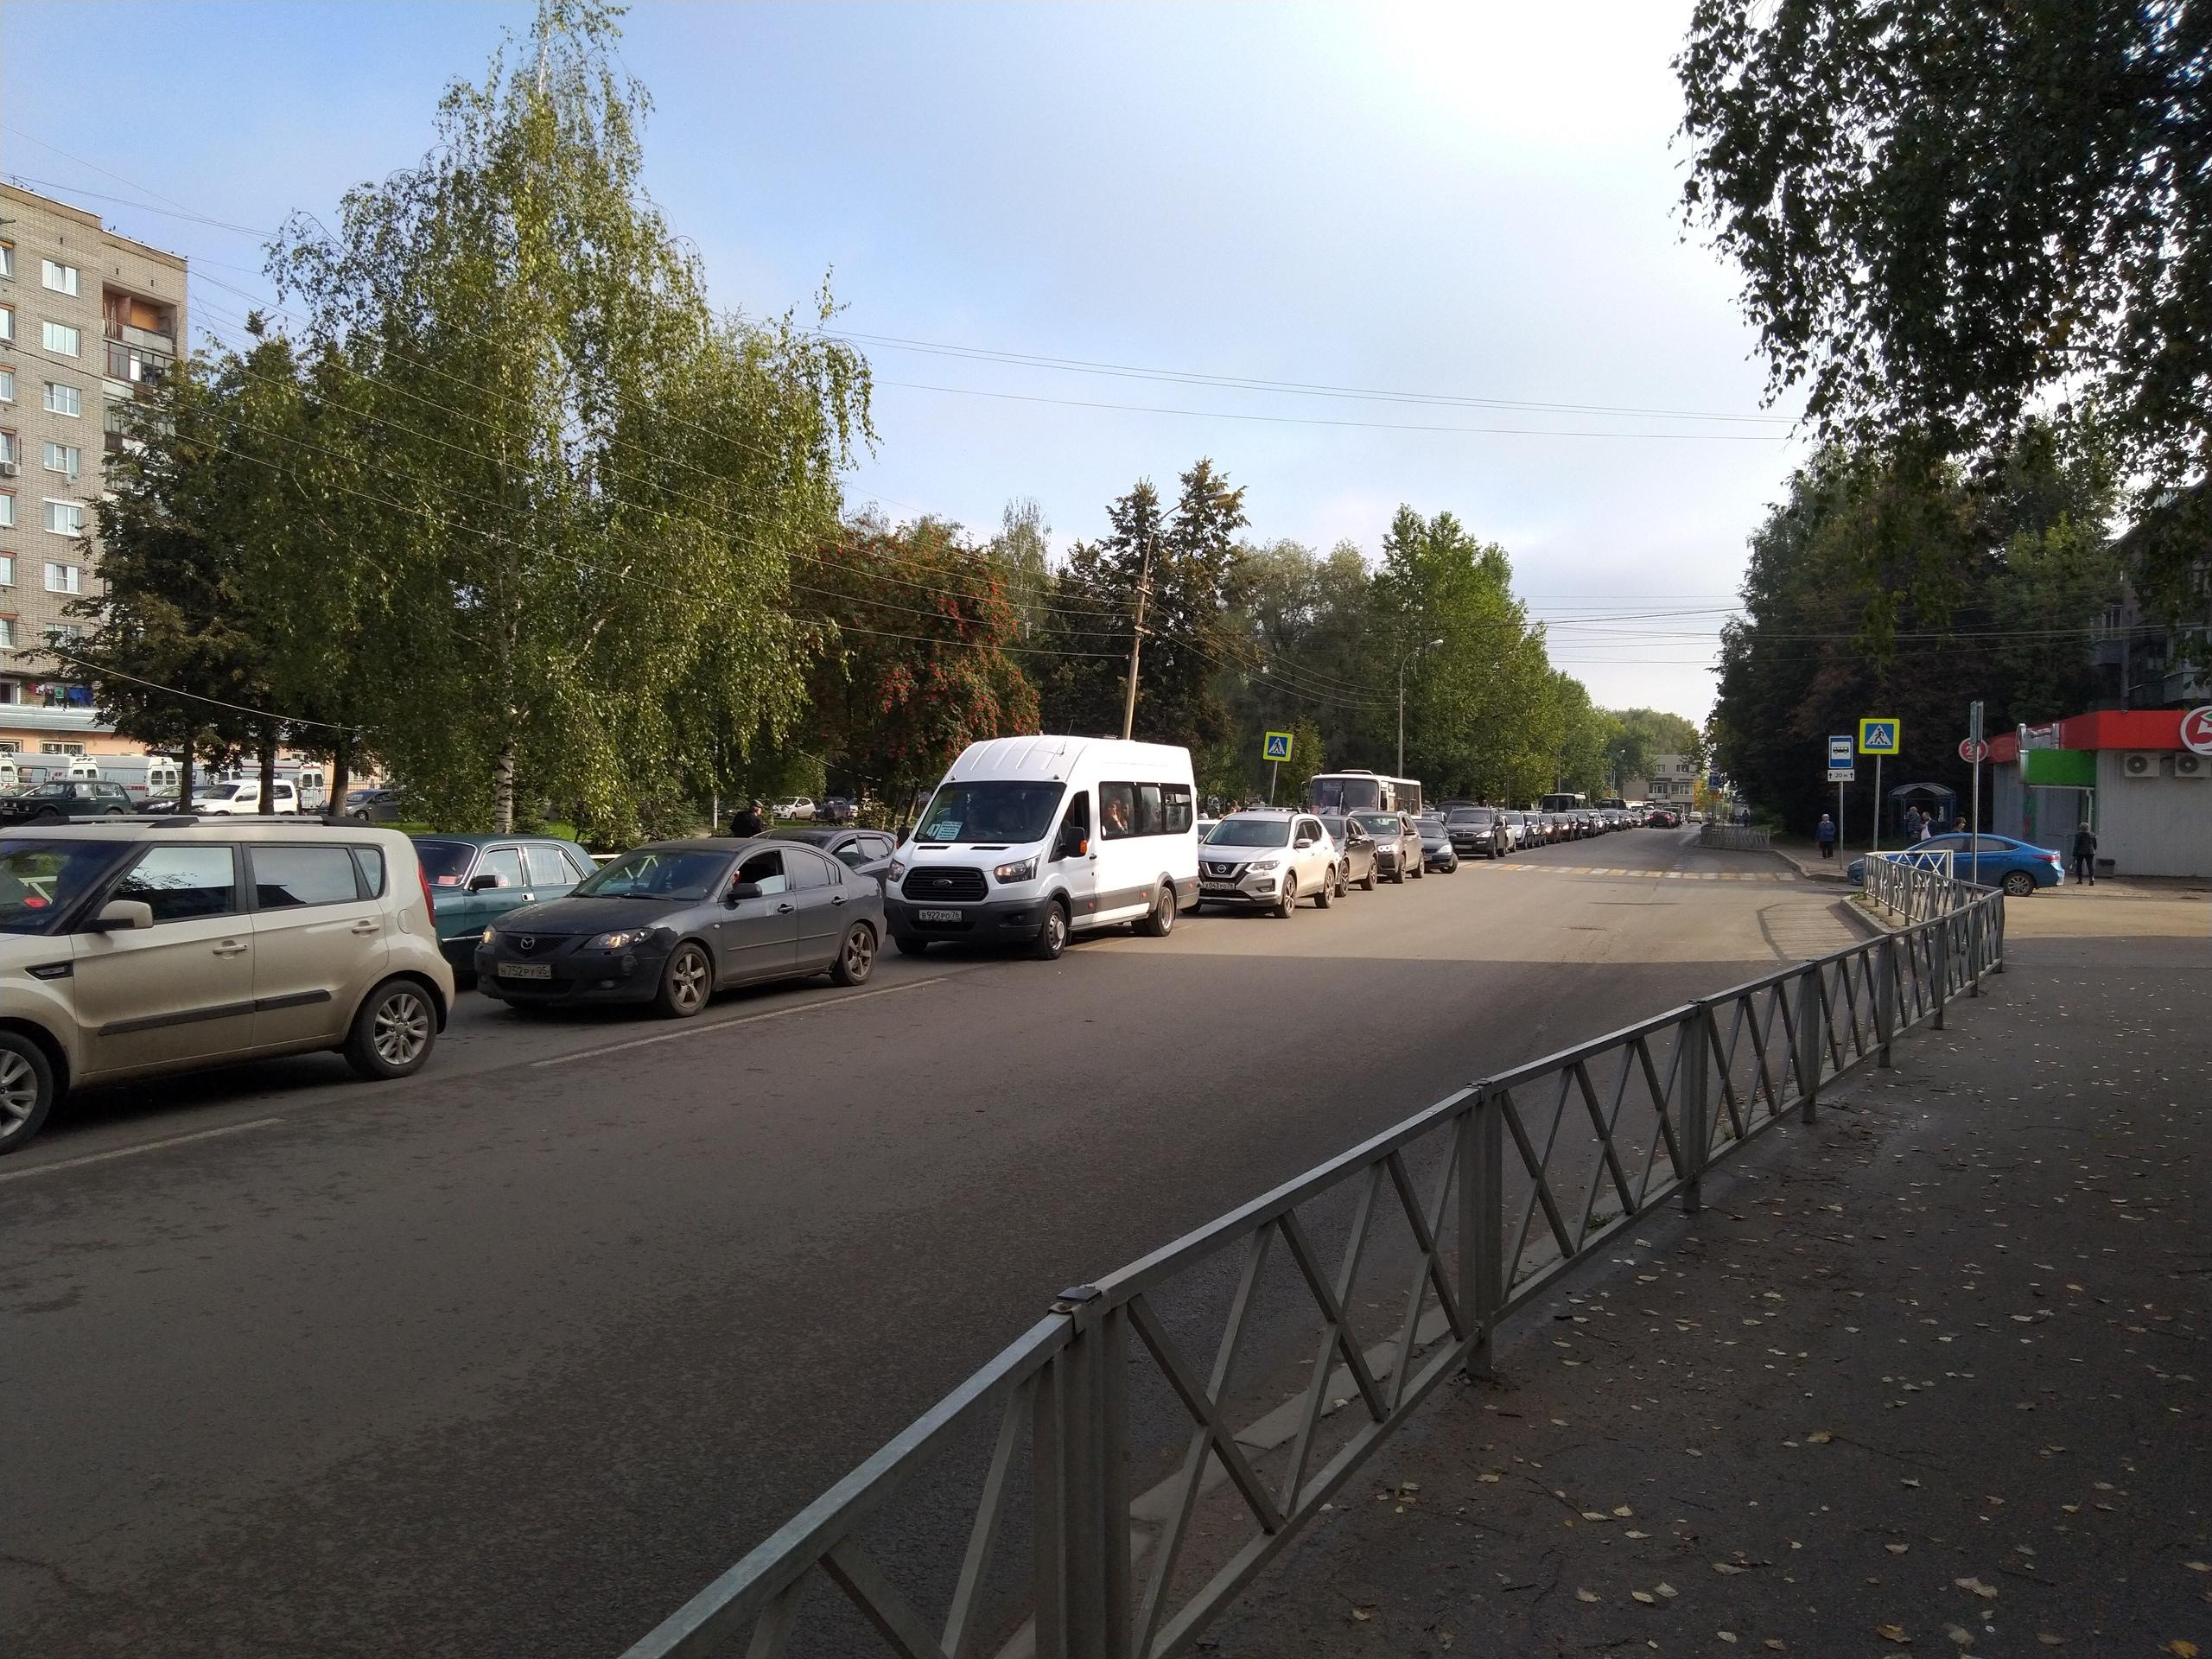 Ярославцы переживают, что так будет каждое утро до ноября, когда закончится ремонт